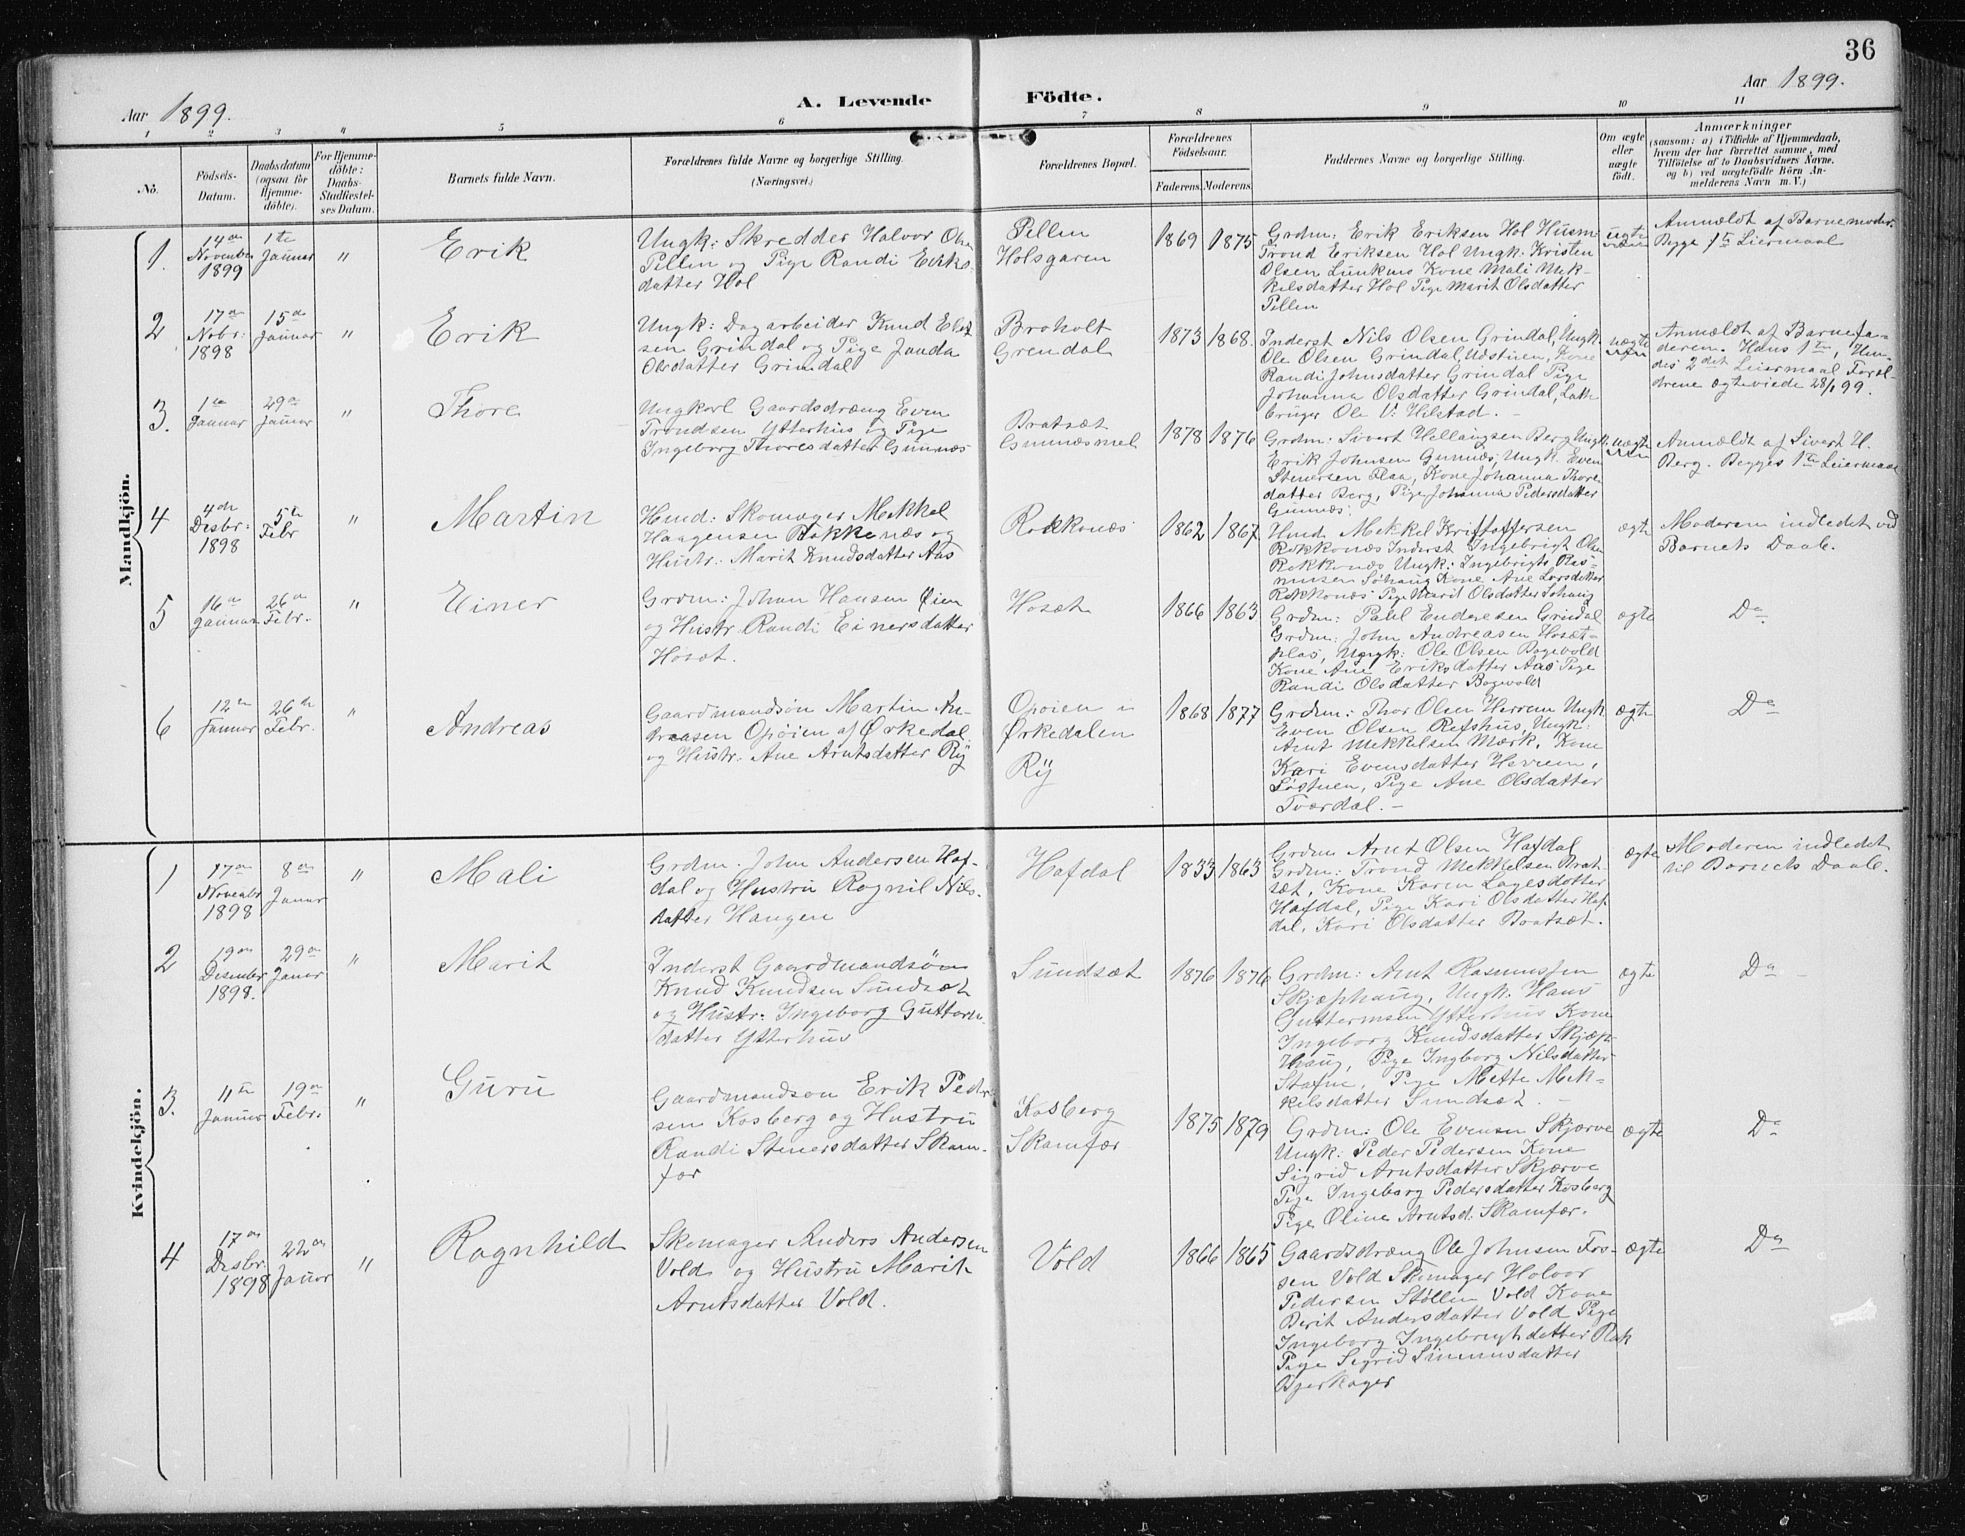 SAT, Ministerialprotokoller, klokkerbøker og fødselsregistre - Sør-Trøndelag, 674/L0876: Klokkerbok nr. 674C03, 1892-1912, s. 36